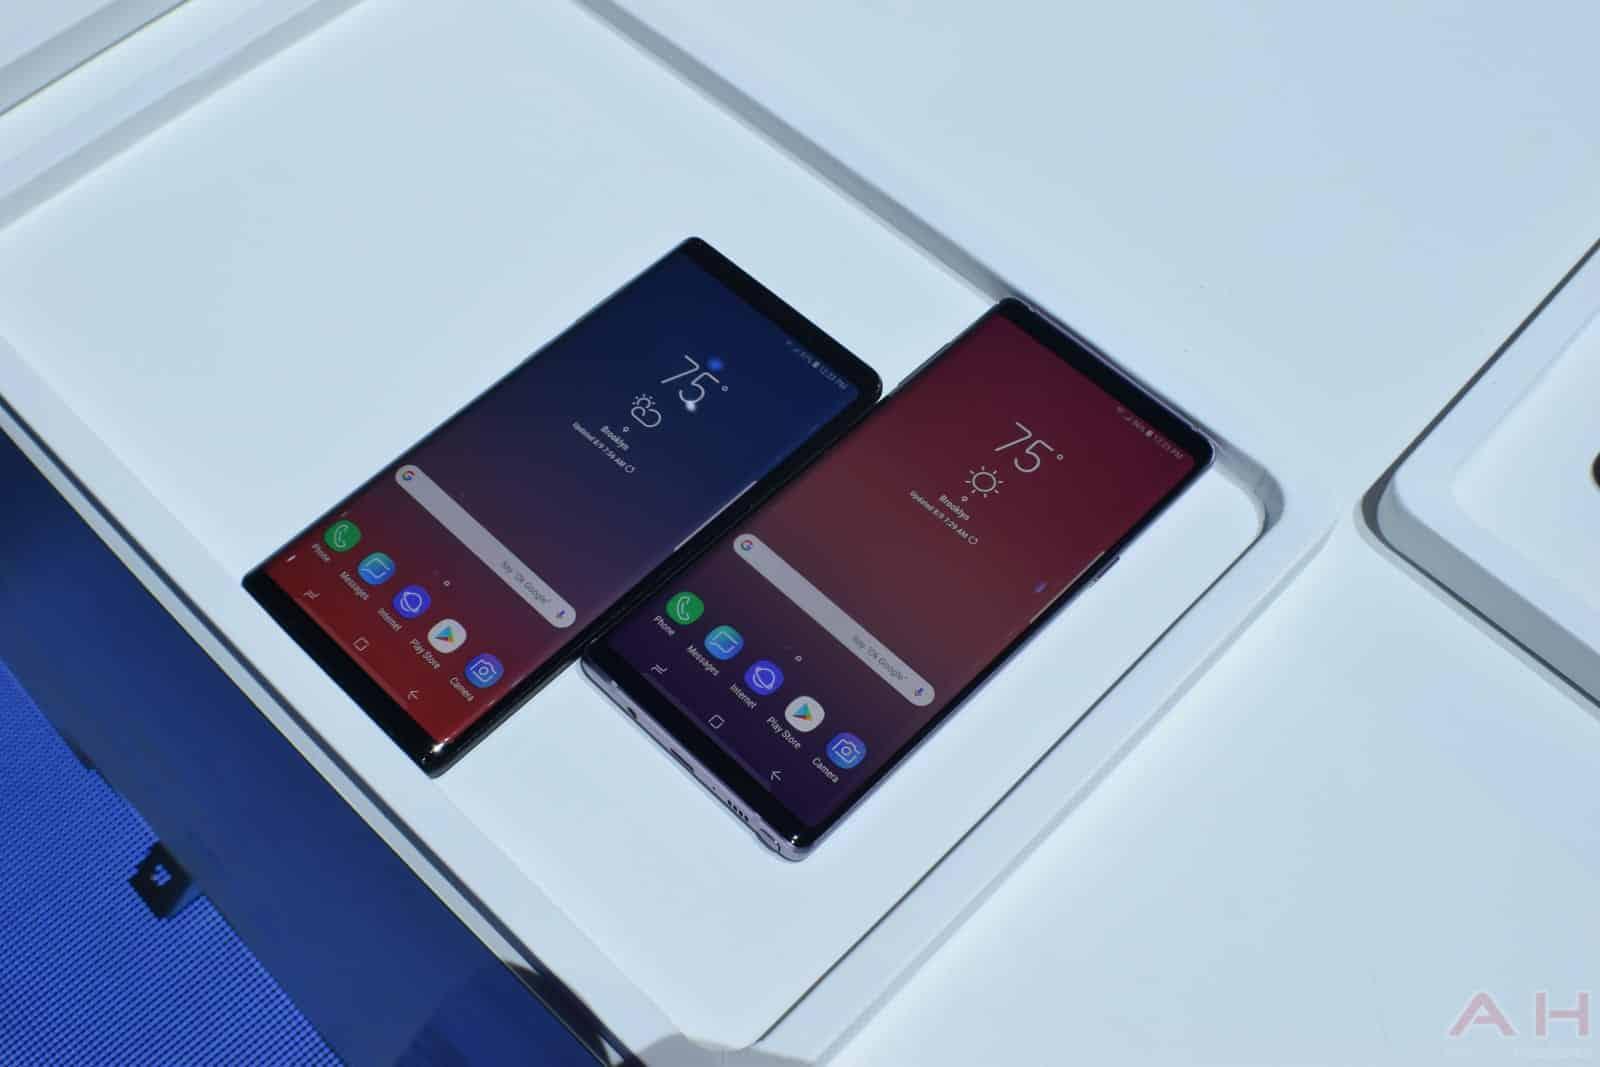 Samsung Galaxy Note 9 AM AH 23